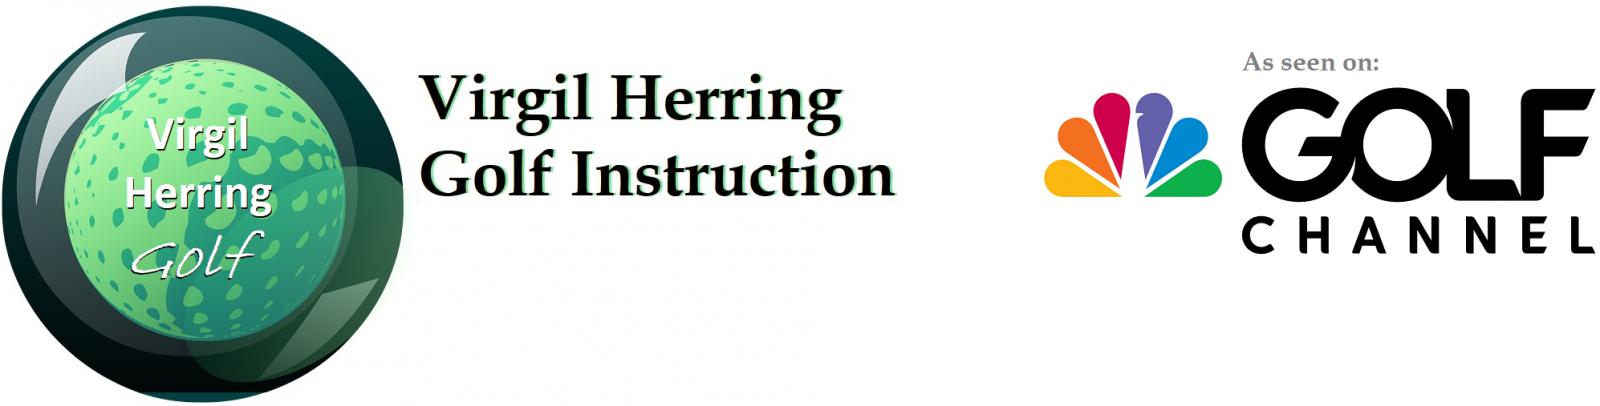 Virgil Herring Golf Instruction